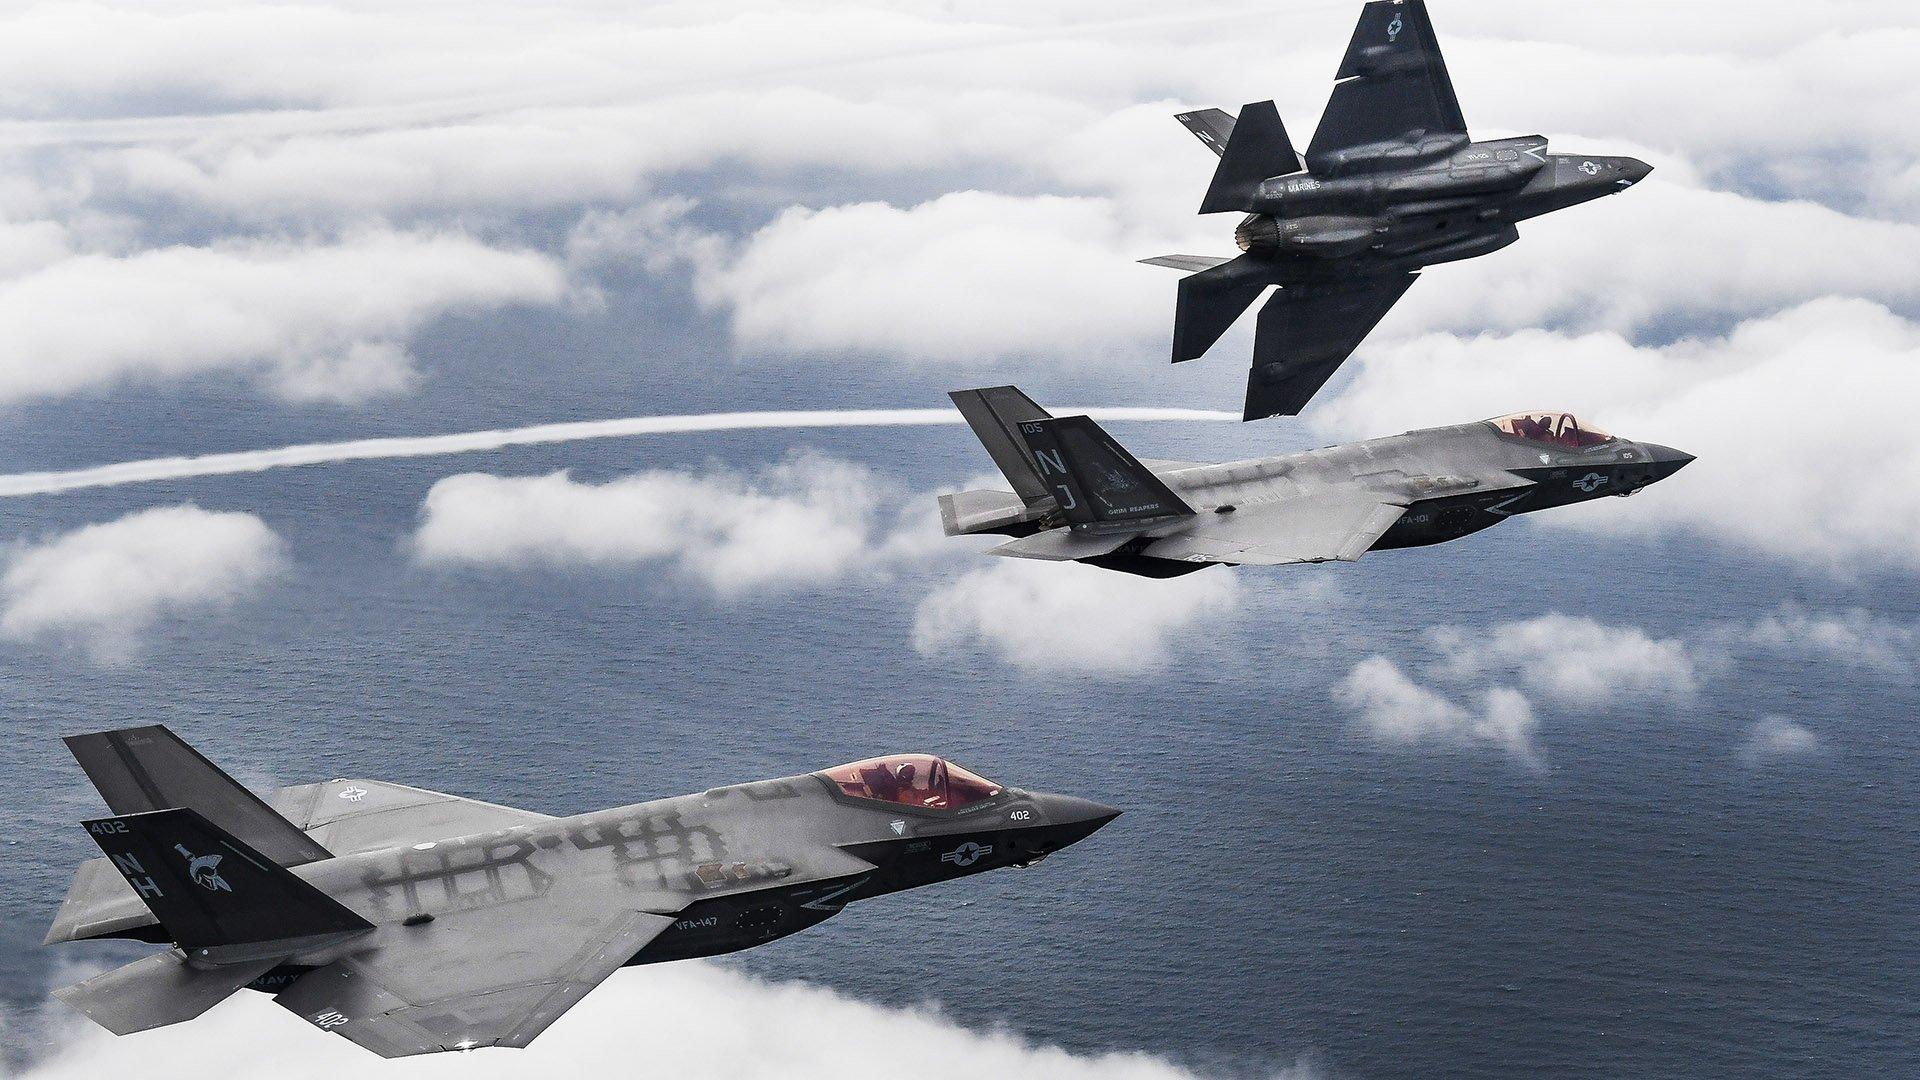 Обои F-35, Самолет 5 поколения, истребитель пятого поколения. Авиация foto 10